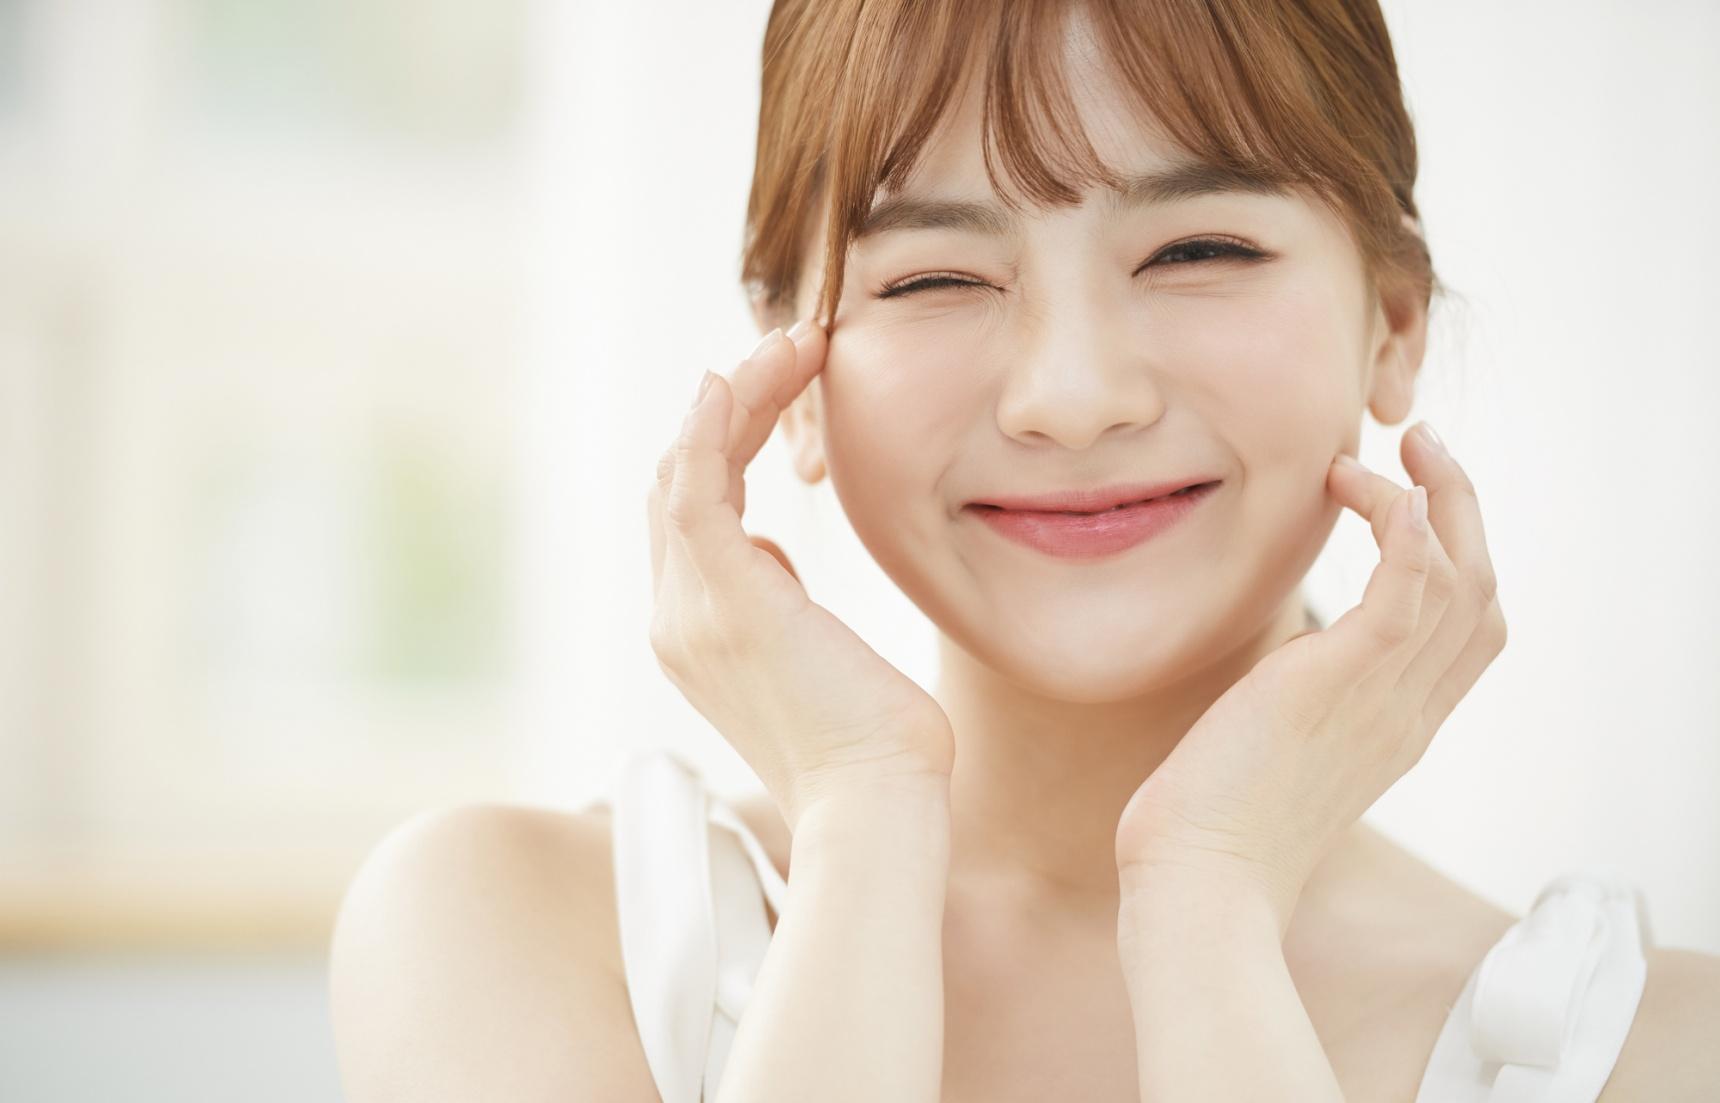 日本购物:护肤哪家强?从开架到专柜  7款洁面产品测评&解密!